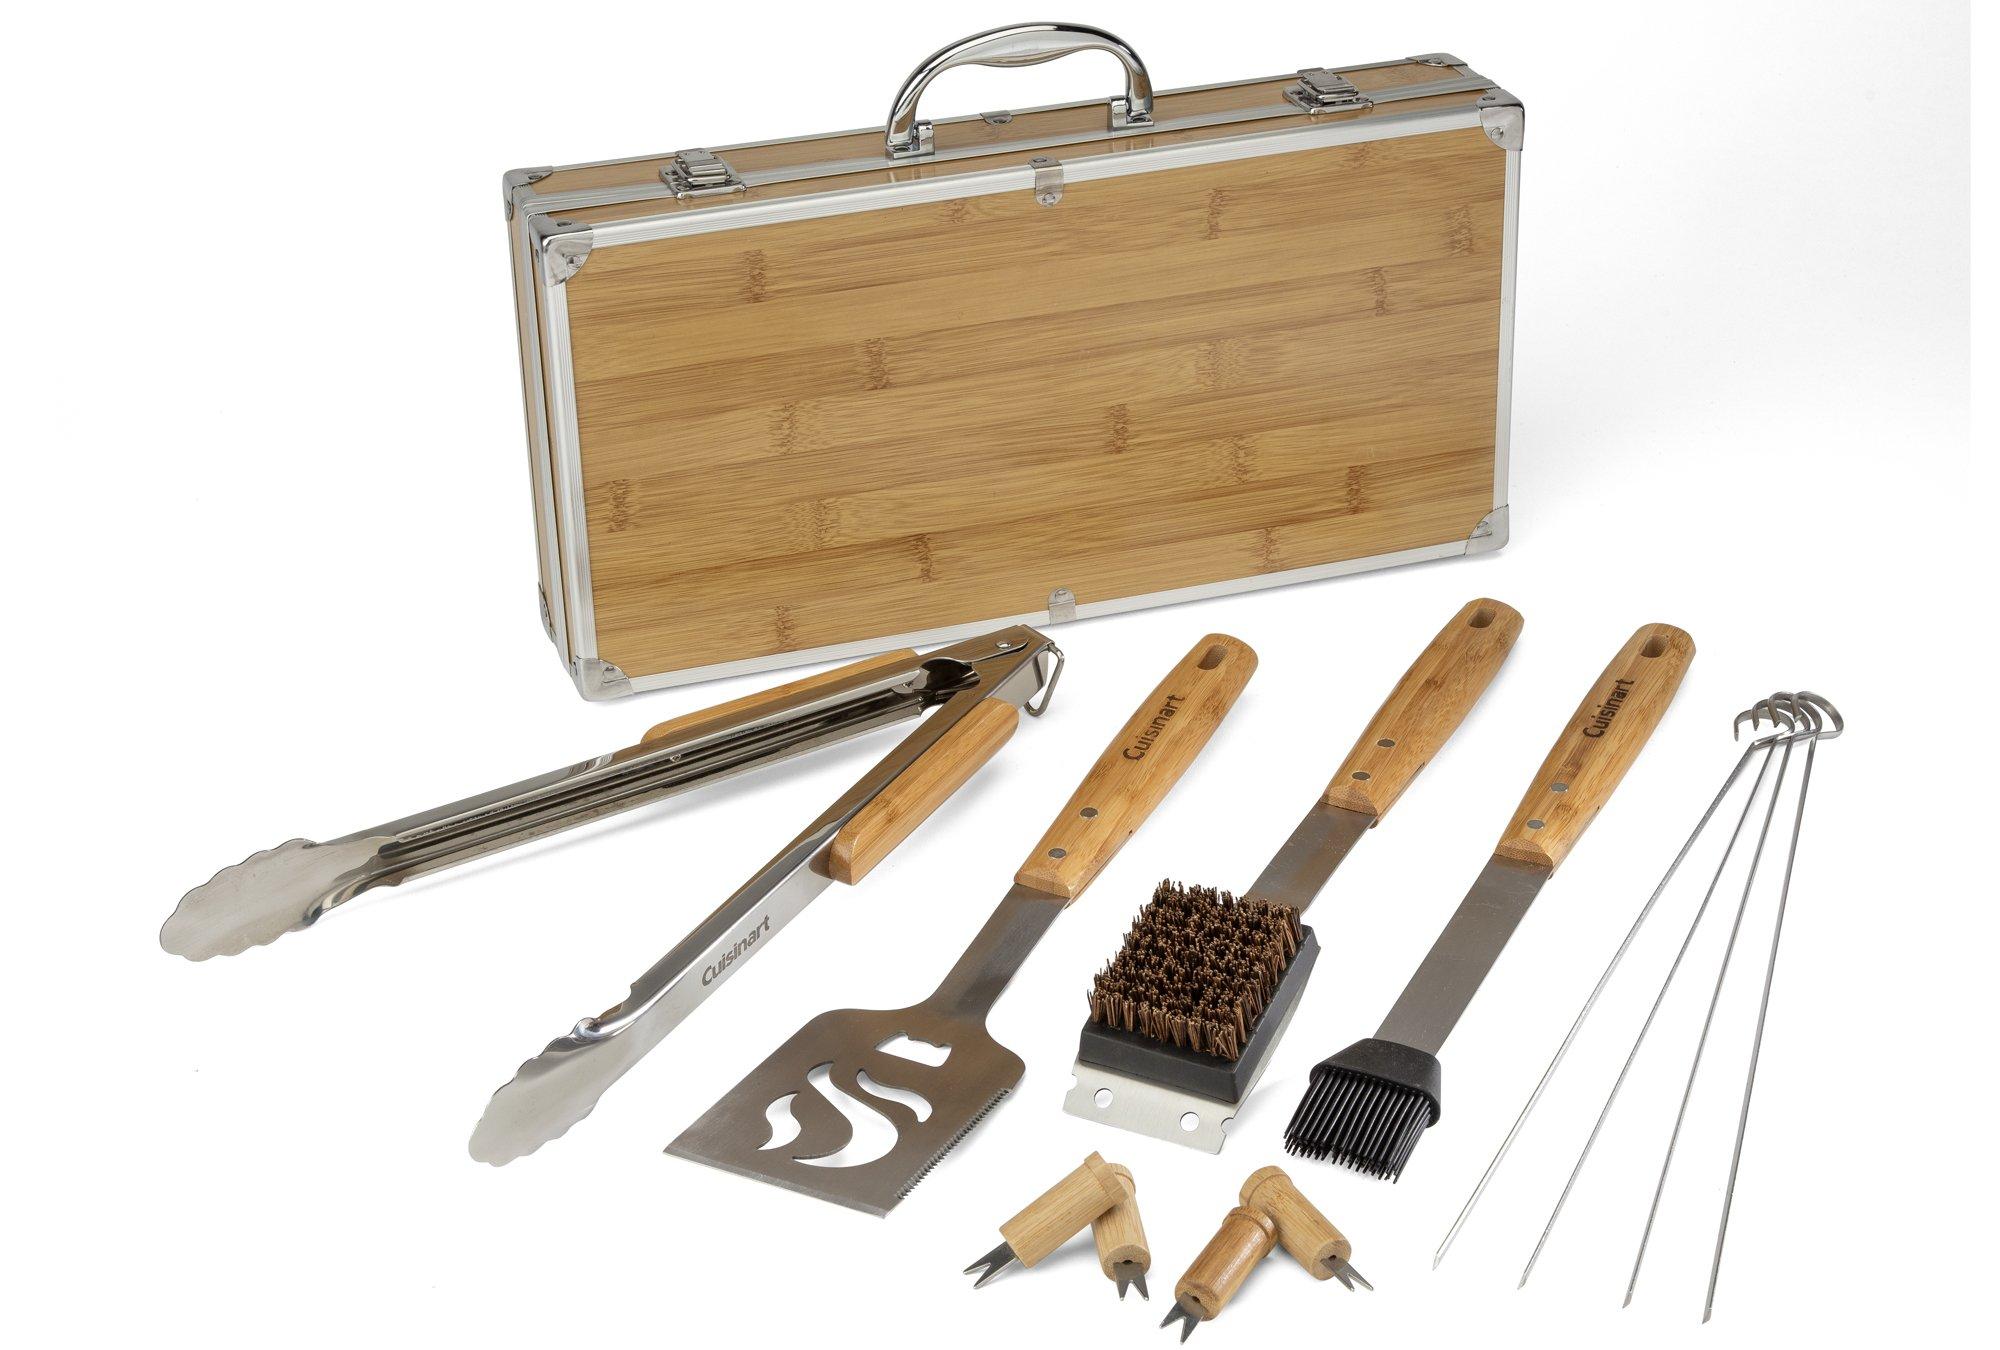 Cuisinart CGS-7014Bamboo Tool Set